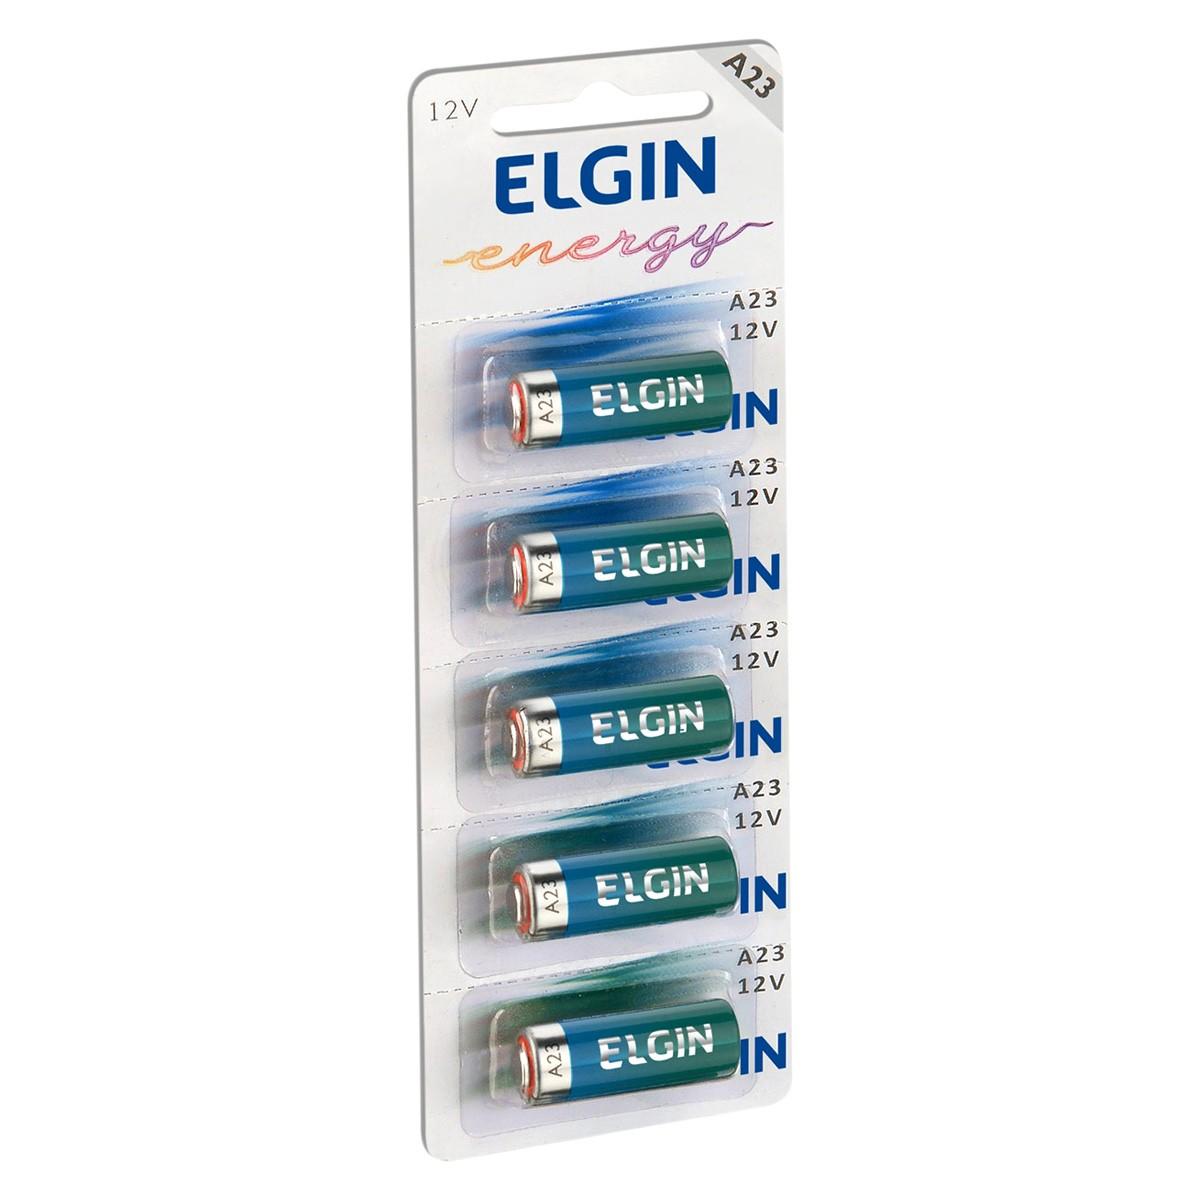 50 Pilhas Baterias ELGIN 23A 12V A23 Alcalina 10 cartelas